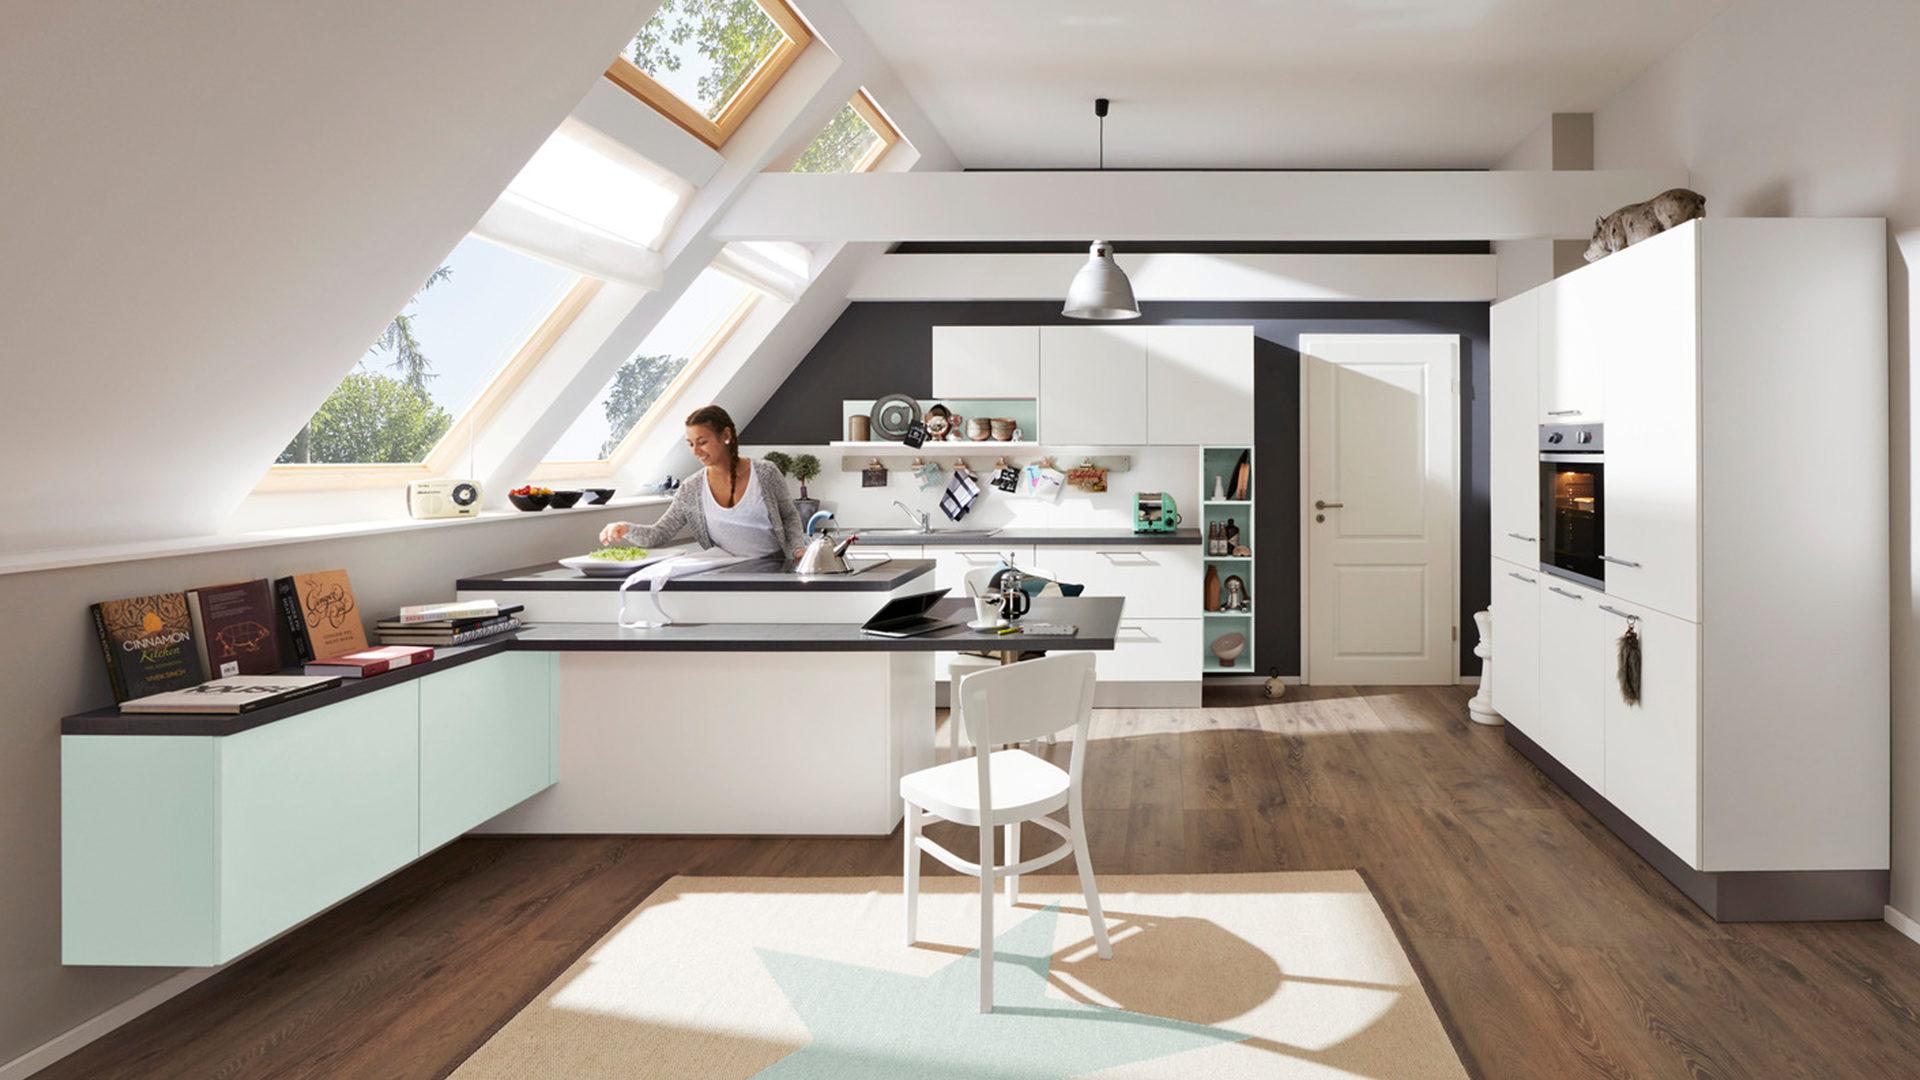 Möbel Bernskötter Mülheim, Möbel A-Z, Küchen, Einbauküchen ...